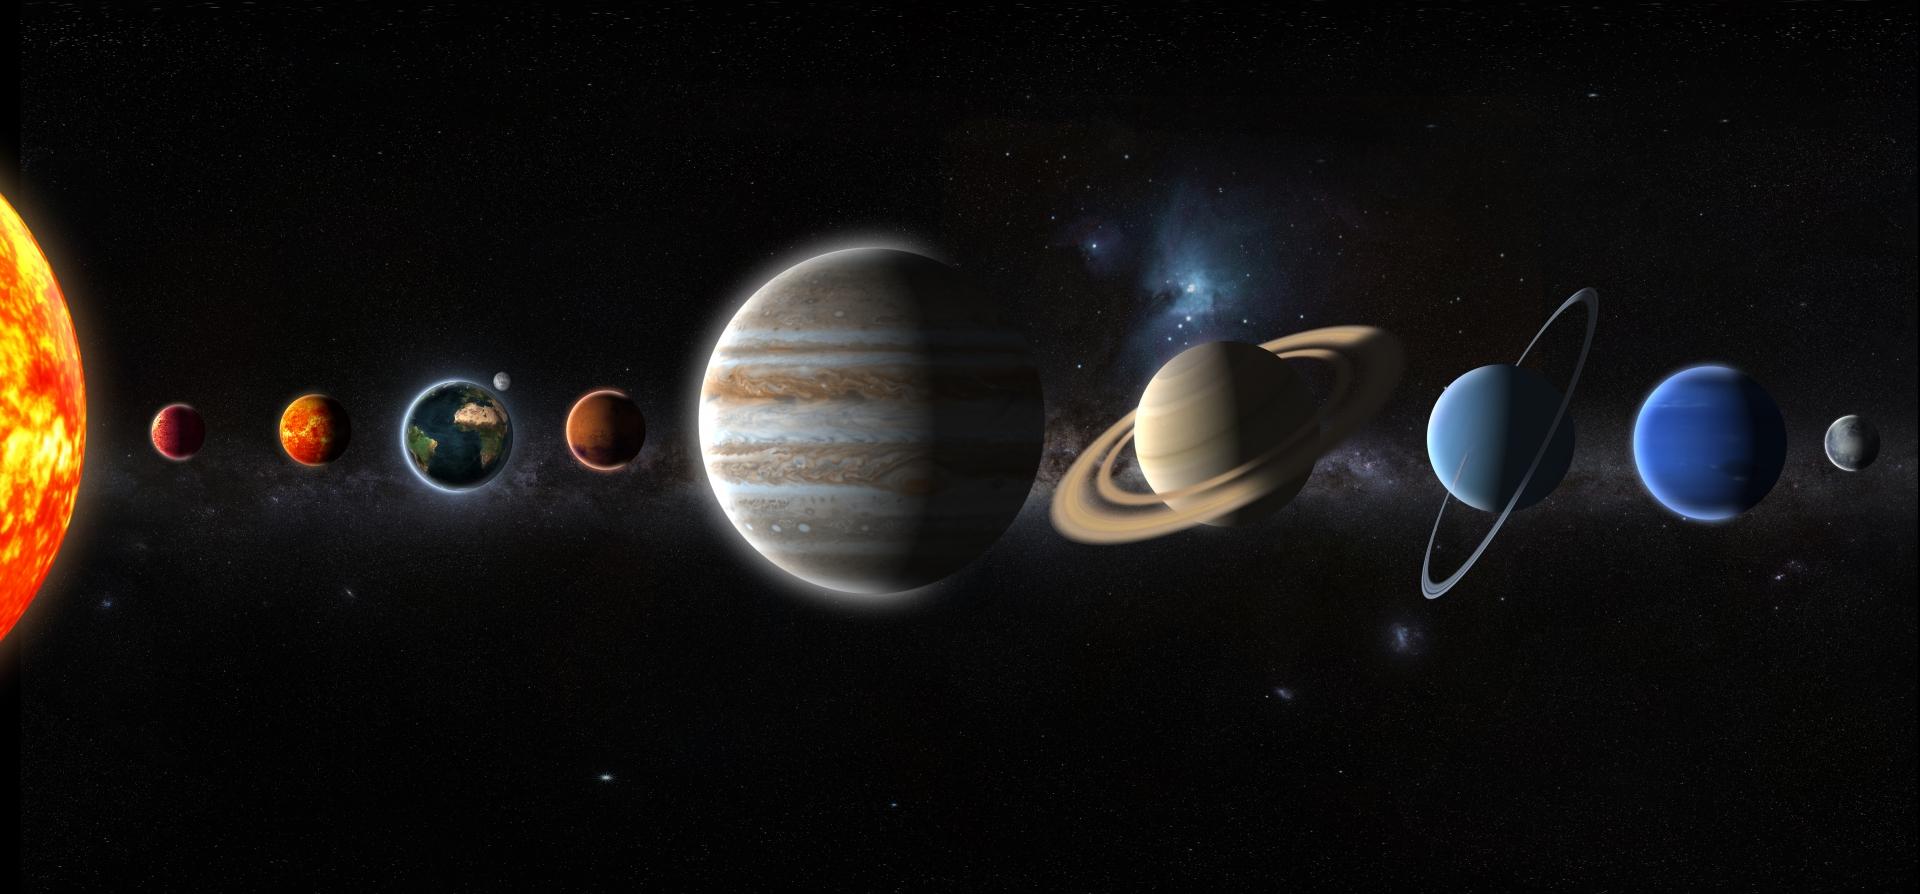 人類が住めそうな惑星_いろいろな惑星